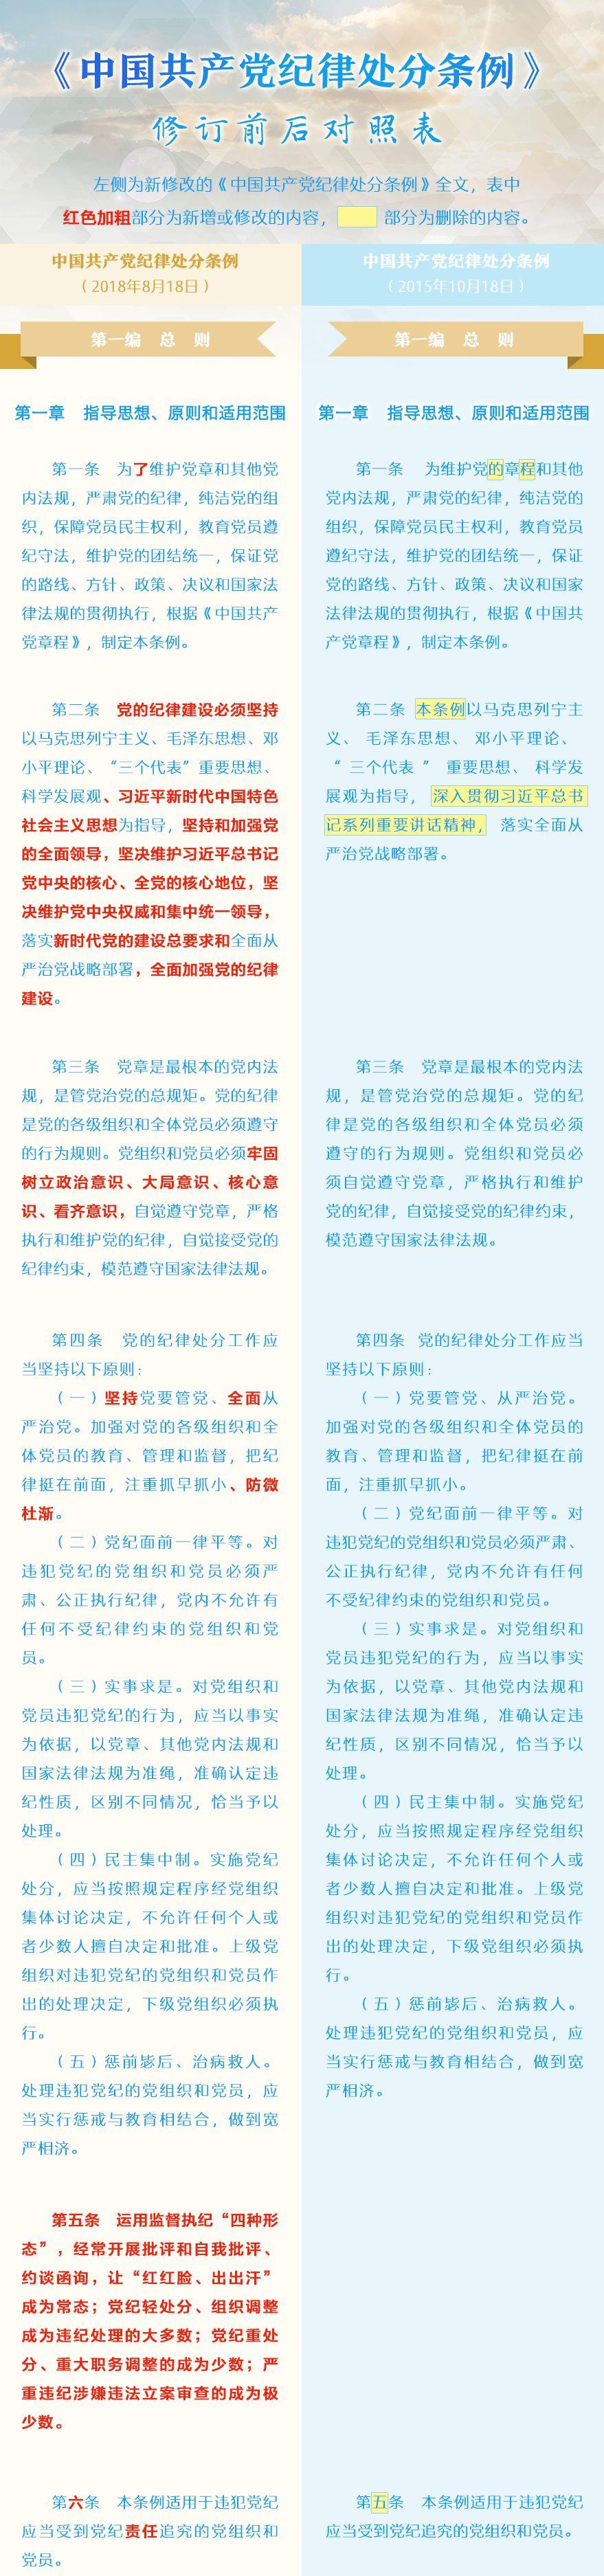 中国共产党纪律处分条例修改前后对照.jpg